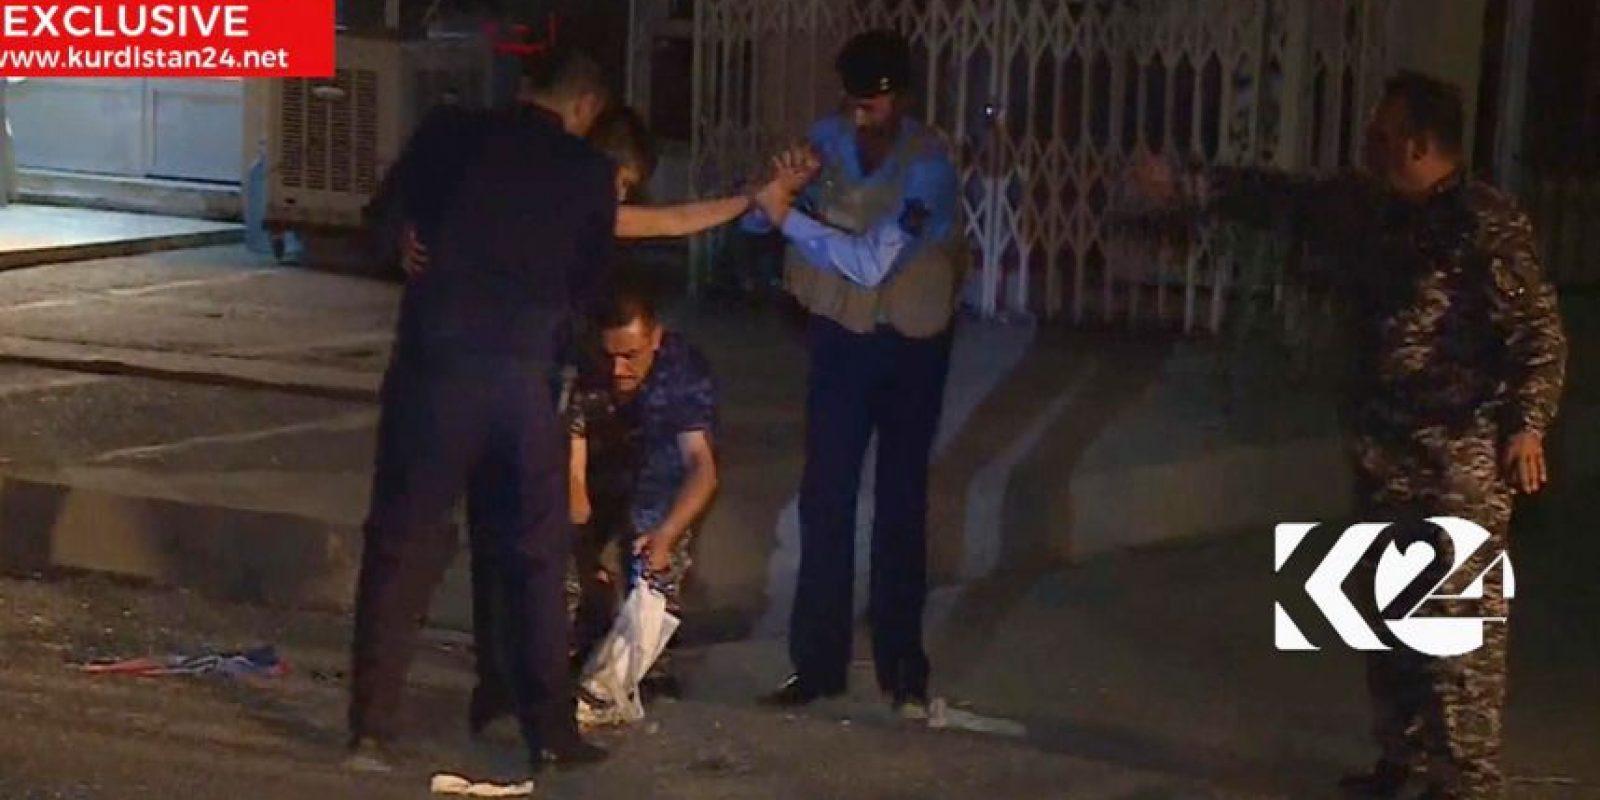 Imagen tomada de la señal de una televisota local que muestra a un niño siendo detenido por agentes de seguridad, uno de los cuales corta un cinturón con explosivos, en Kirkuk, Irak. Foto:AP. Imagen Por: